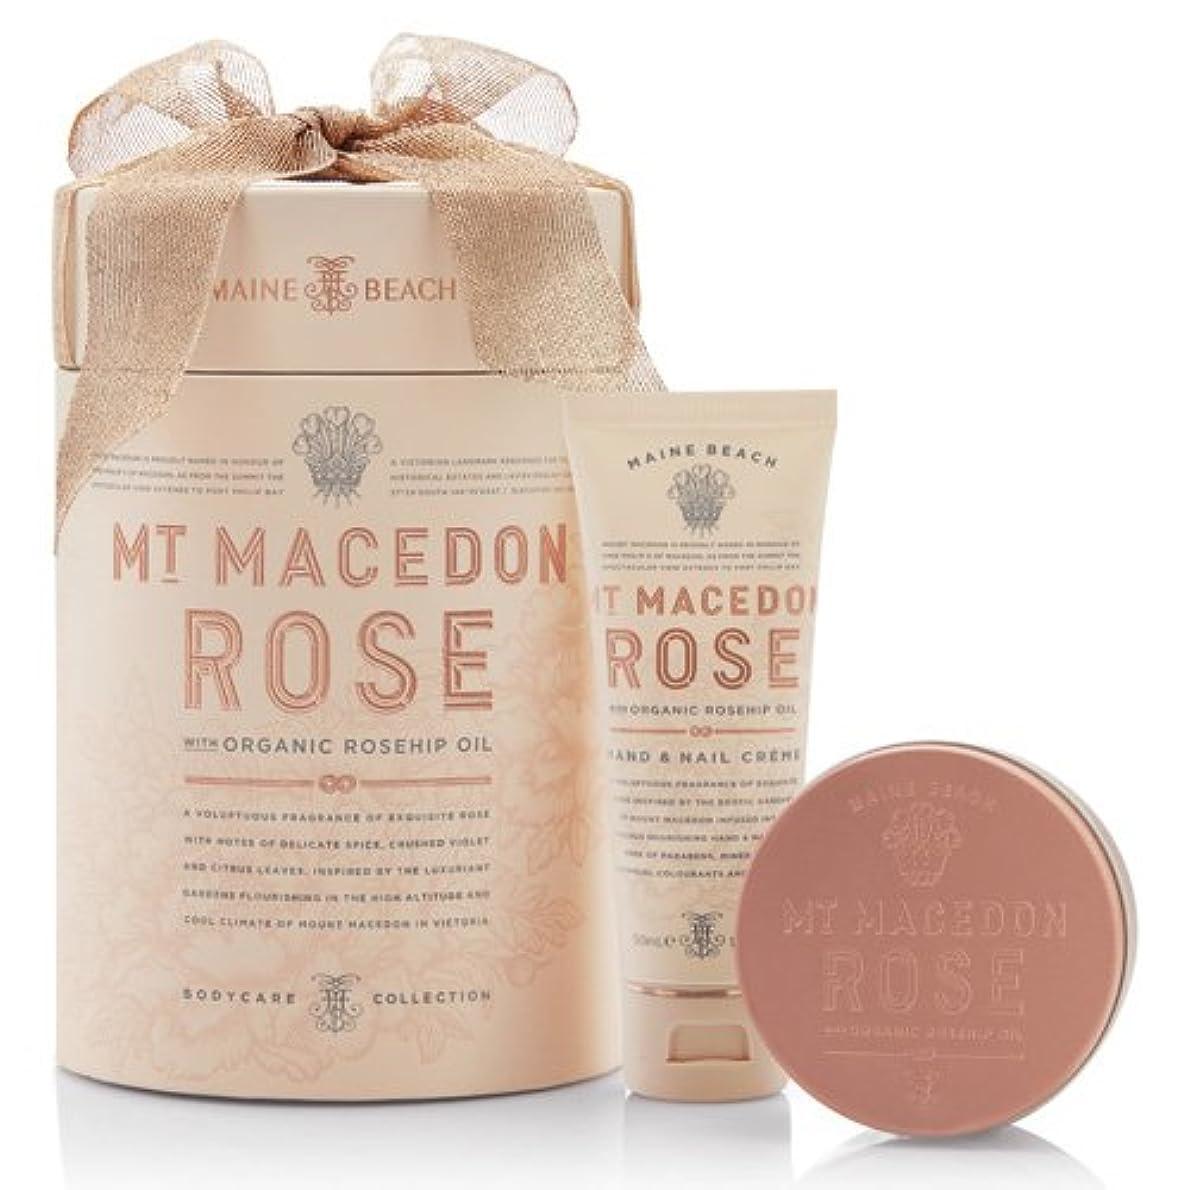 一次目の前のロビーMAINE BEACH マインビーチ MT MACEDON ROSE マウント マセドン ローズ Duo Gift Pack